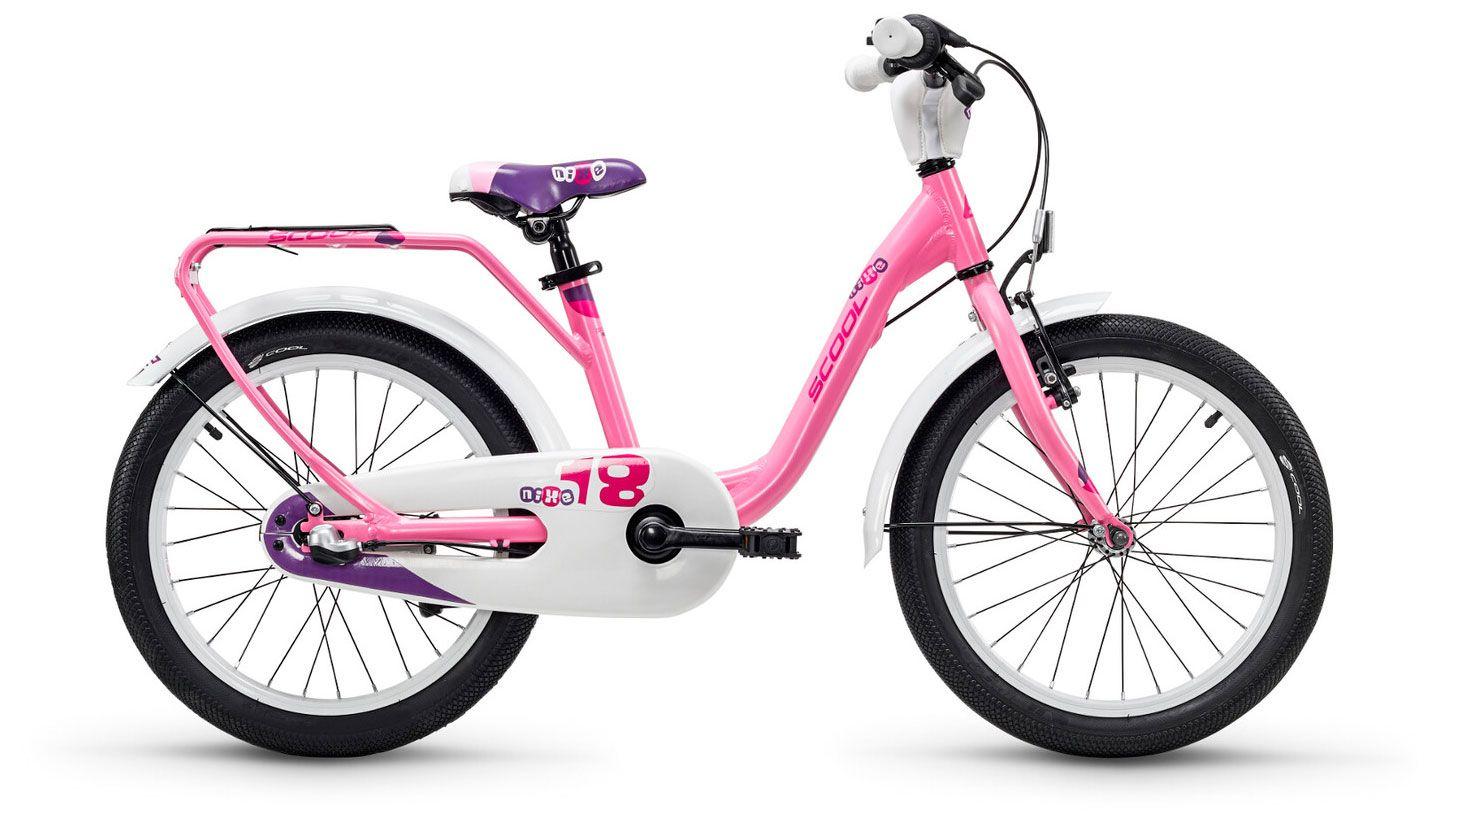 купить Велосипед Scool niXe alloy 18 1-S 2018 по цене 14490 рублей